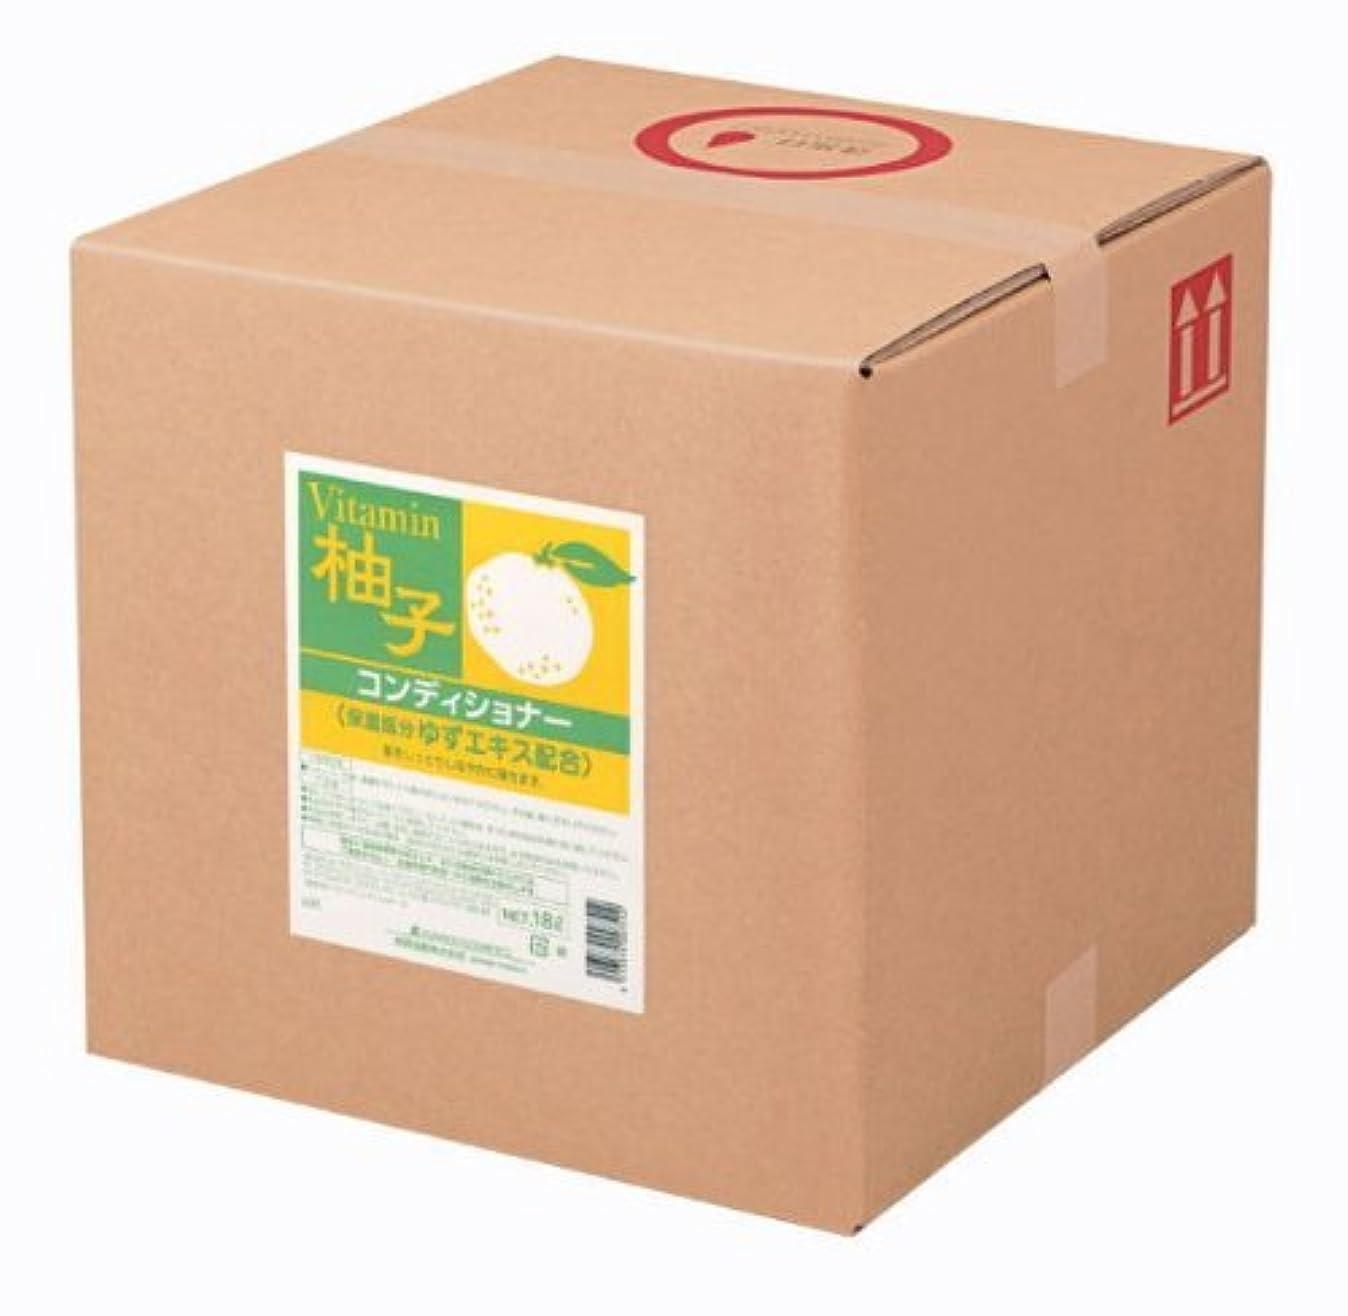 熊野油脂 業務用 柚子 コンディショナー 18L